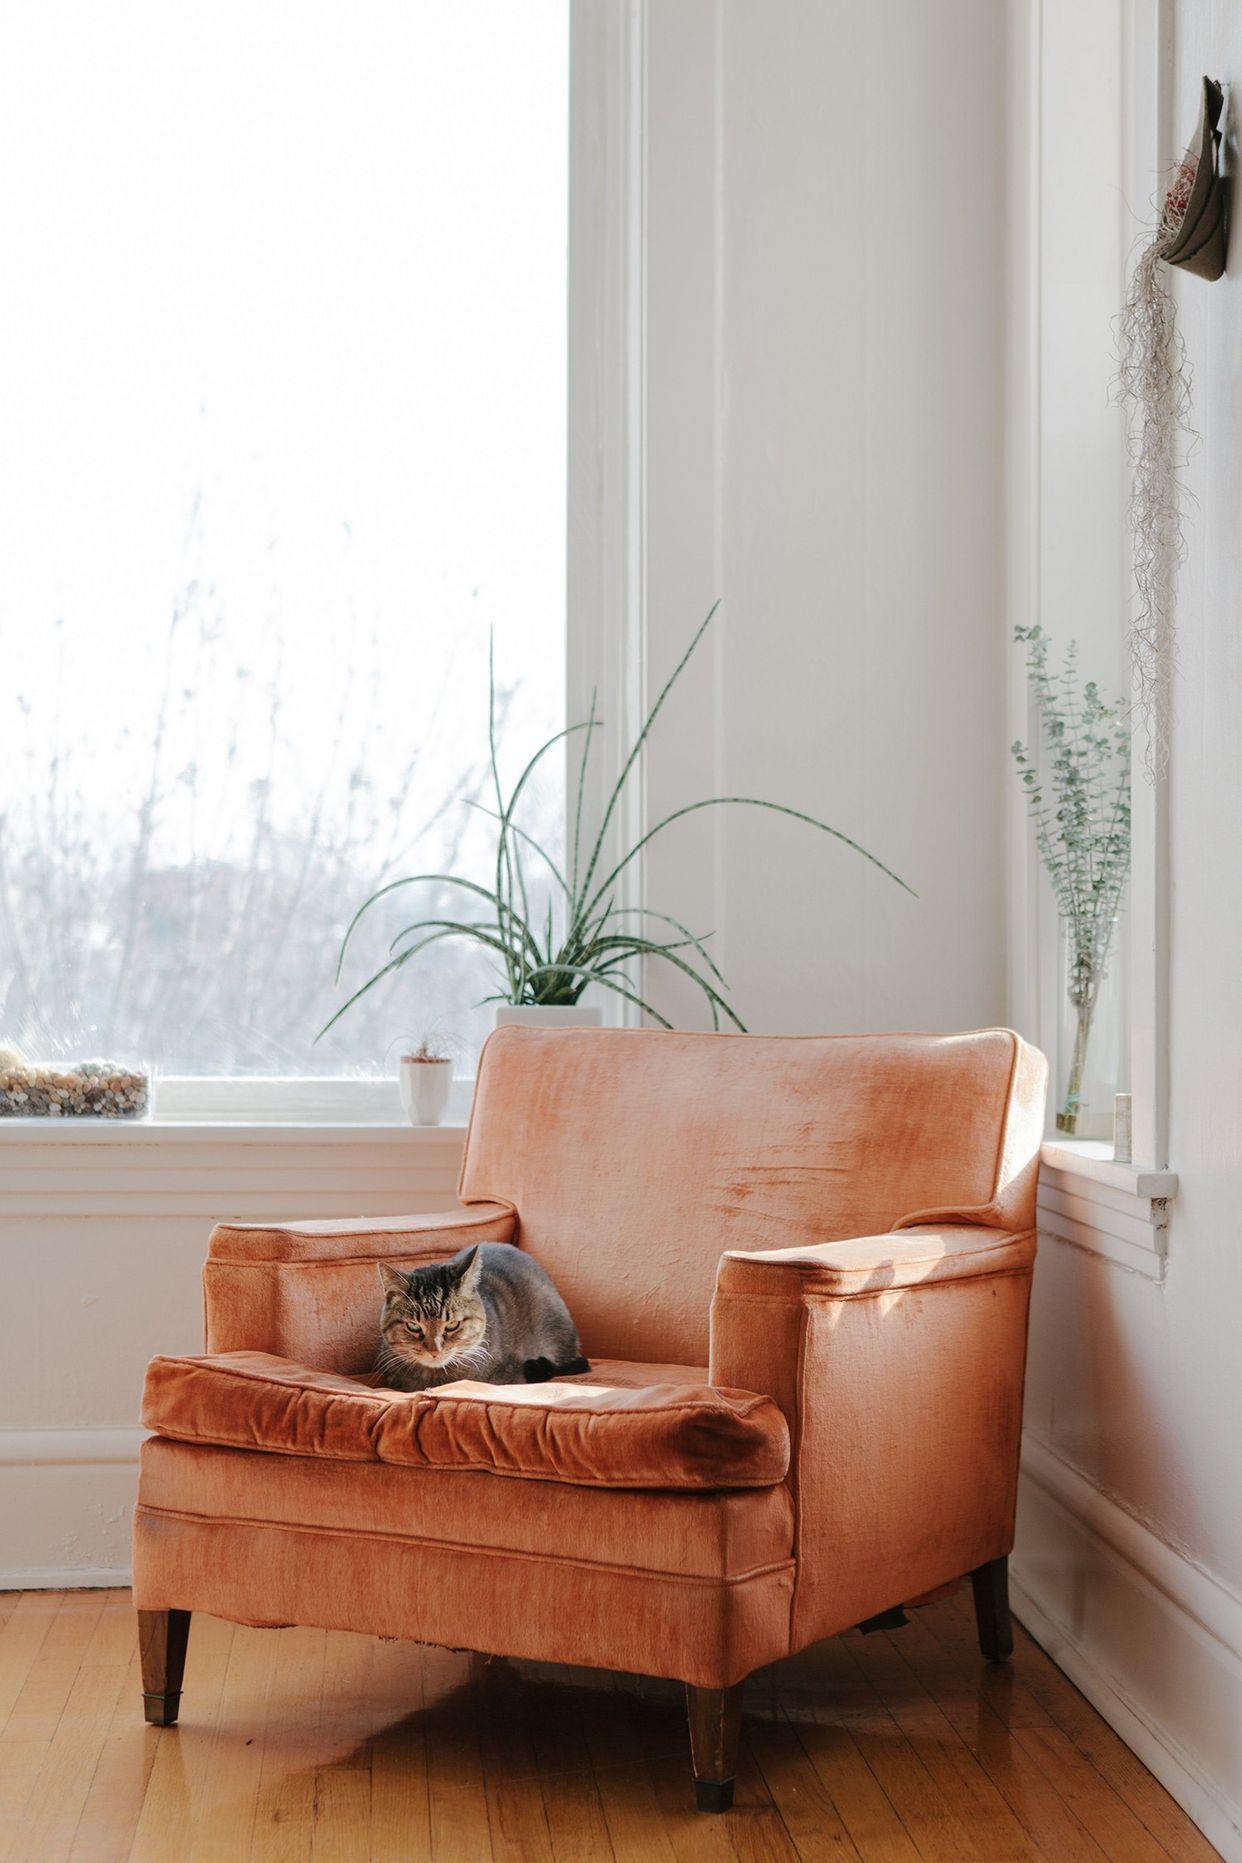 VELVET LOVE (Macarena Gea) Home decor inspiration, Home